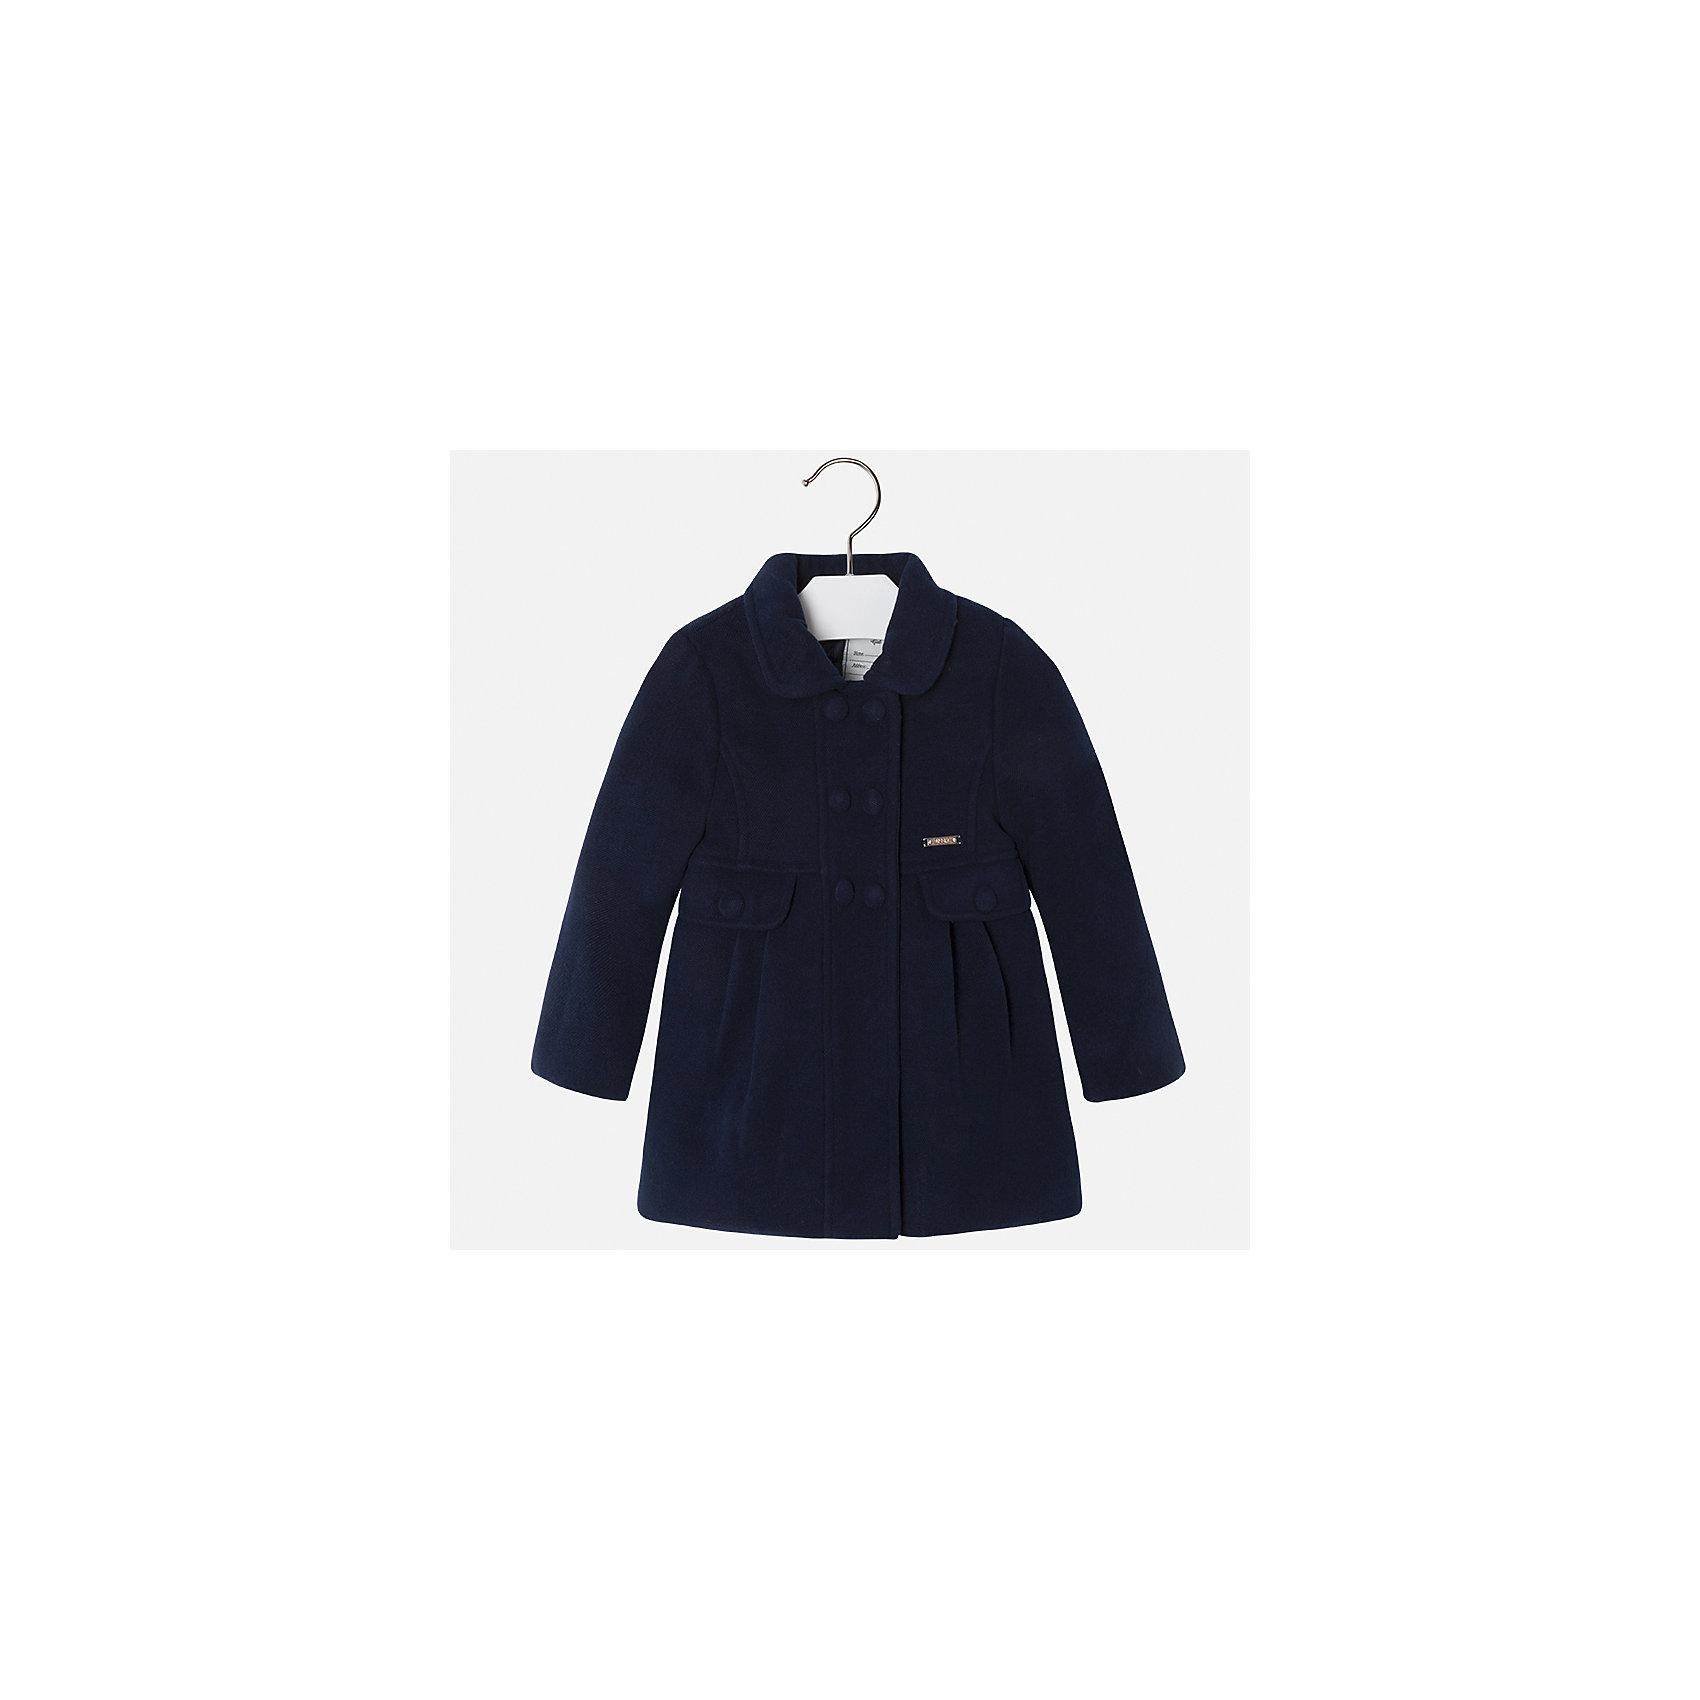 Пальто для девочки MayoralВерхняя одежда<br>Характеристики товара:<br><br>• цвет: черный<br>• состав ткани: 90% полиэстер, 8% вискоза, 2% эластан, подклад - 100% полиэстер<br>• застежка: пуговицы<br>• длинные рукава<br>• сезон: демисезон<br>• температурный режим: от +5 до -5<br>• страна бренда: Испания<br>• страна изготовитель: Индия<br><br>Темное пальто для девочки от Майорал поможет обеспечить тепло и комфорт. Эффектная детская верхняя одежда от Mayoral отличается модным силуэтом и актуальной расцветкой. <br><br>Для производства детской одежды популярный бренд Mayoral использует только качественную фурнитуру и материалы. Оригинальные и модные вещи от Майорал неизменно привлекают внимание и нравятся детям.<br><br>Пальто для девочки Mayoral (Майорал) можно купить в нашем интернет-магазине.<br><br>Ширина мм: 356<br>Глубина мм: 10<br>Высота мм: 245<br>Вес г: 519<br>Цвет: черный<br>Возраст от месяцев: 96<br>Возраст до месяцев: 108<br>Пол: Женский<br>Возраст: Детский<br>Размер: 116,122,128,134,104,92,98,110<br>SKU: 6924305